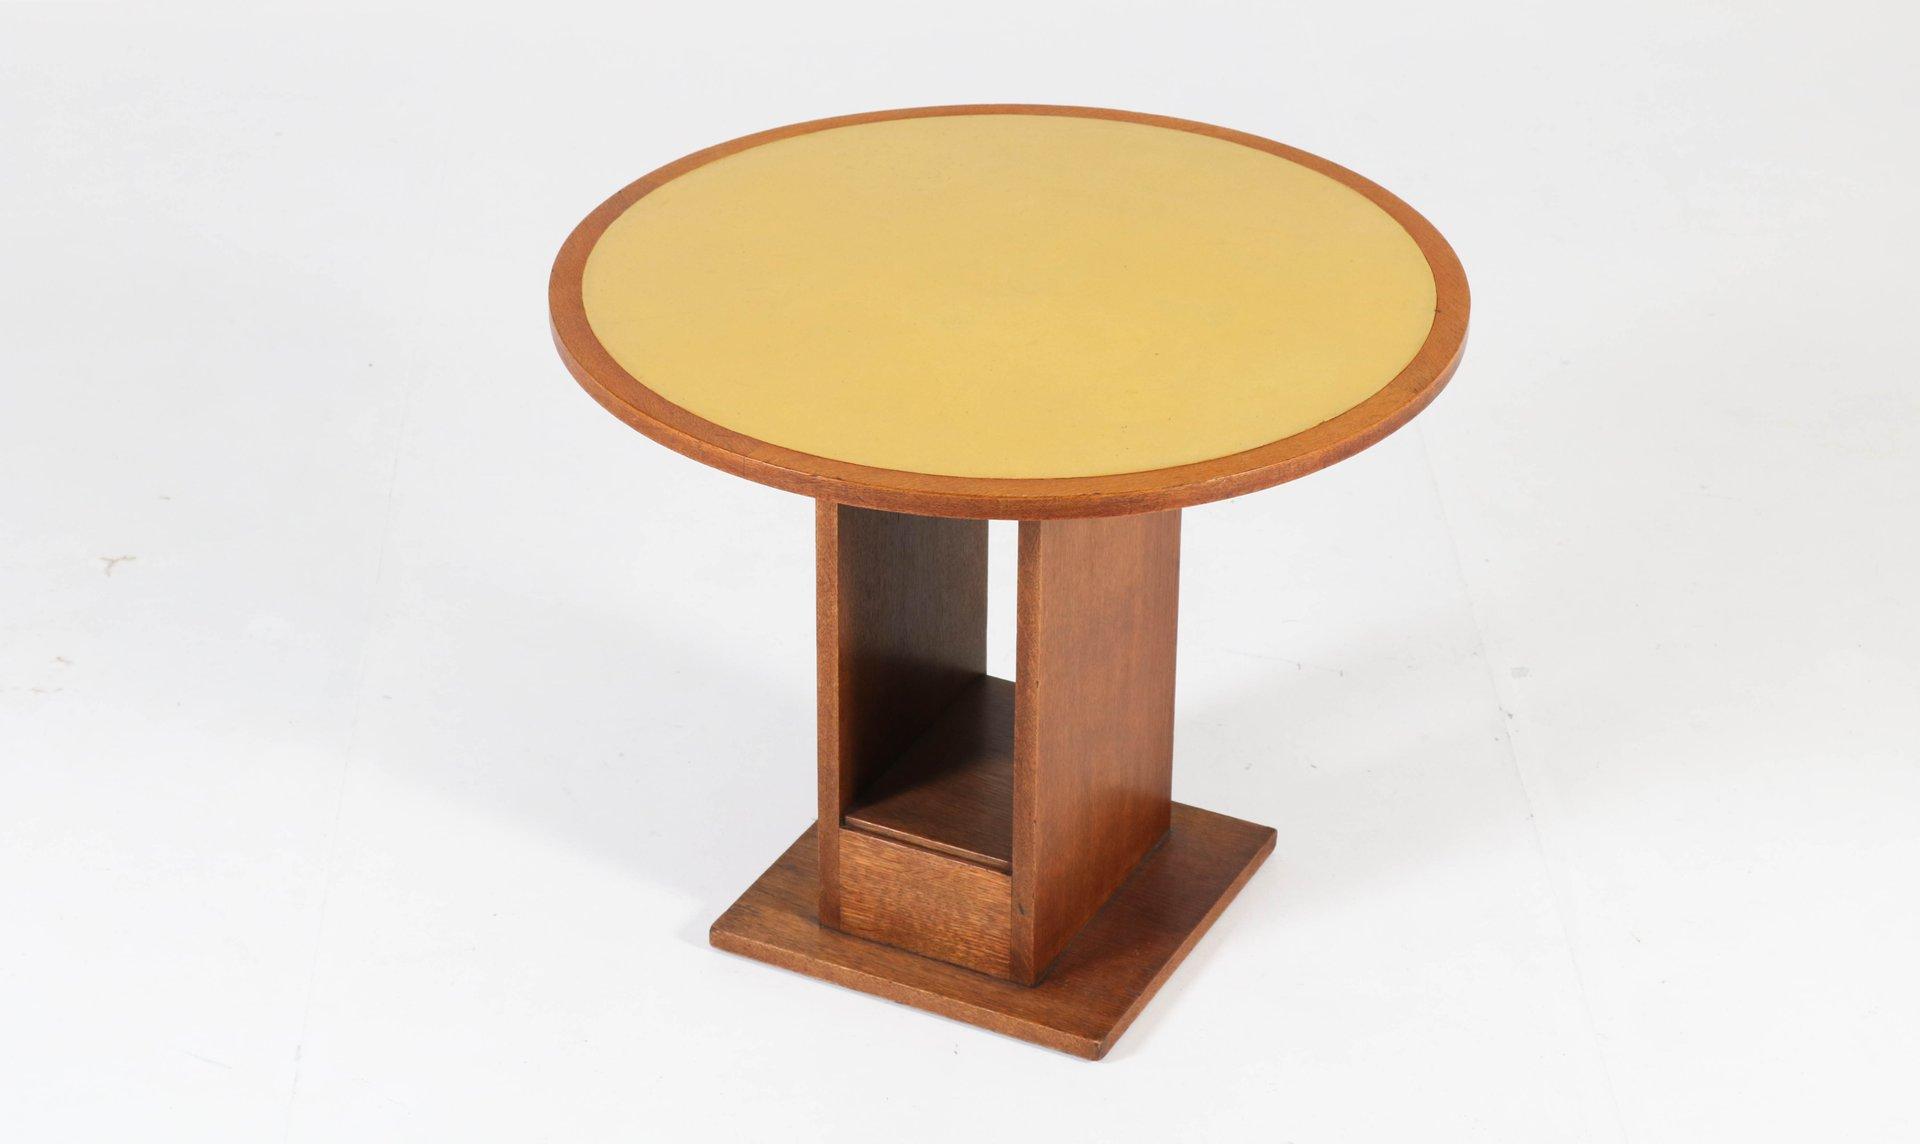 table basse cole de la haye art d co par willem penaat pour metz co 1930s en vente sur pamono. Black Bedroom Furniture Sets. Home Design Ideas